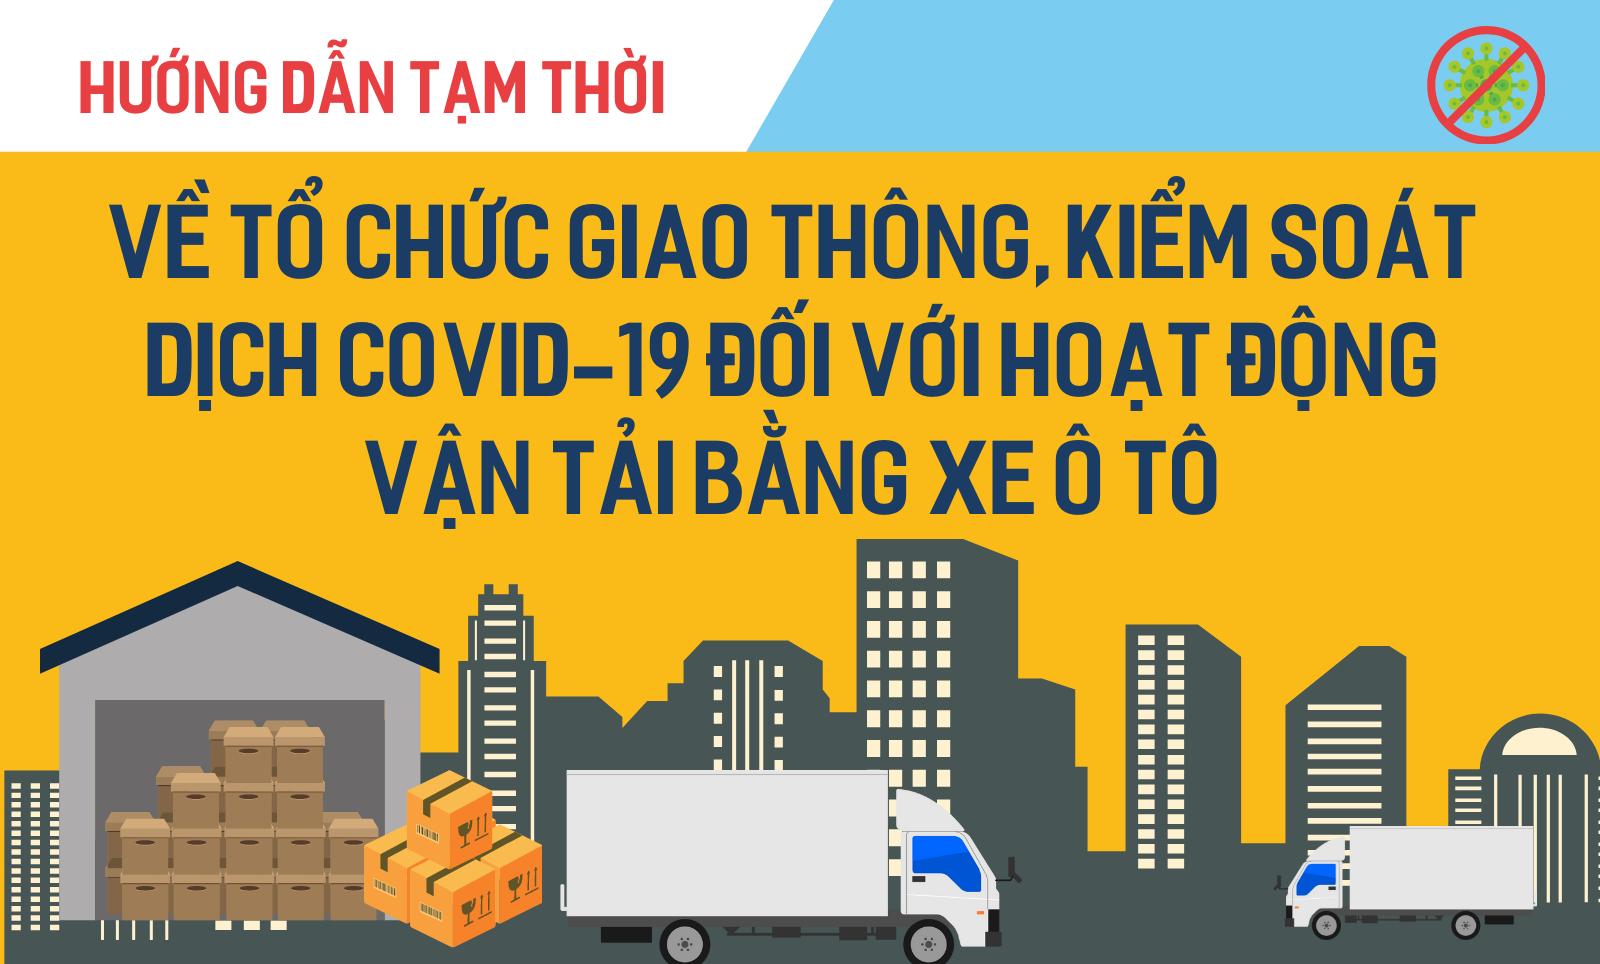 [Infographic] Hướng dẫn tạm thời về tổ chức giao thông, kiểm soát dịch Covid-19 đối với hoạt động vận tải bằng xe ô tô